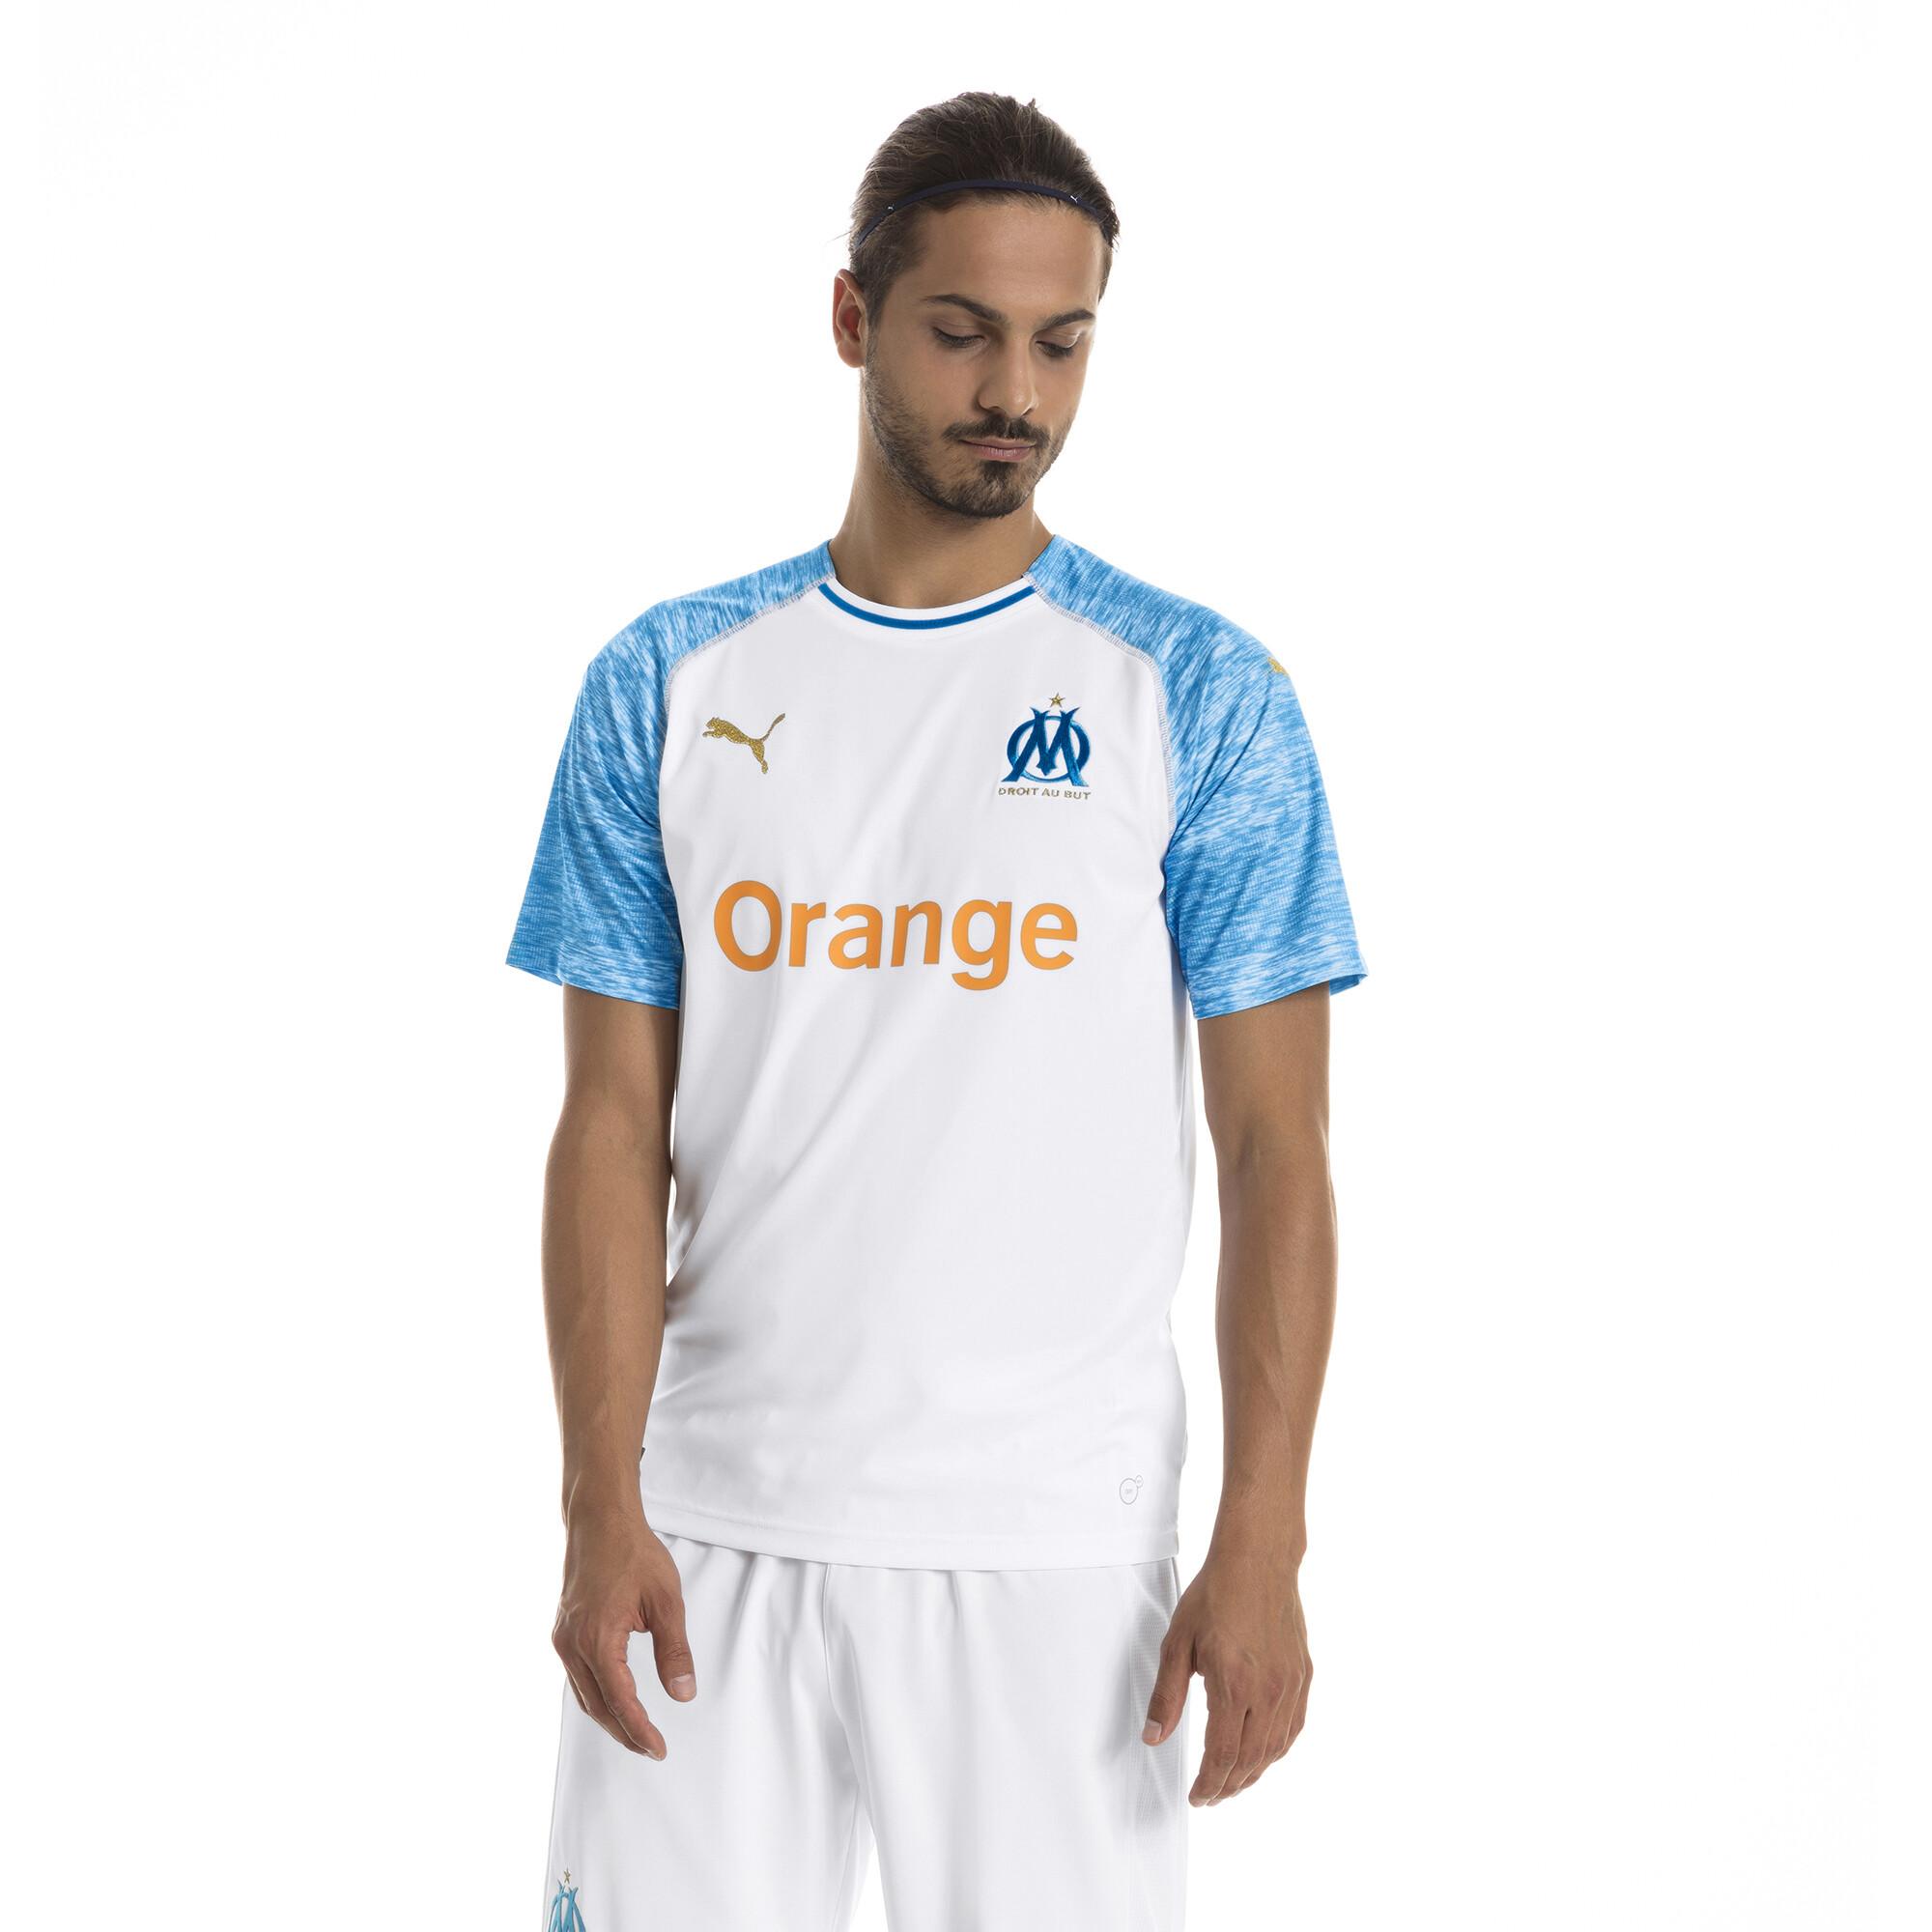 Indexbild 4 - PUMA Olympique de Marseille Herren Replica Heimtrikot Männer Fußballtrikot Neu